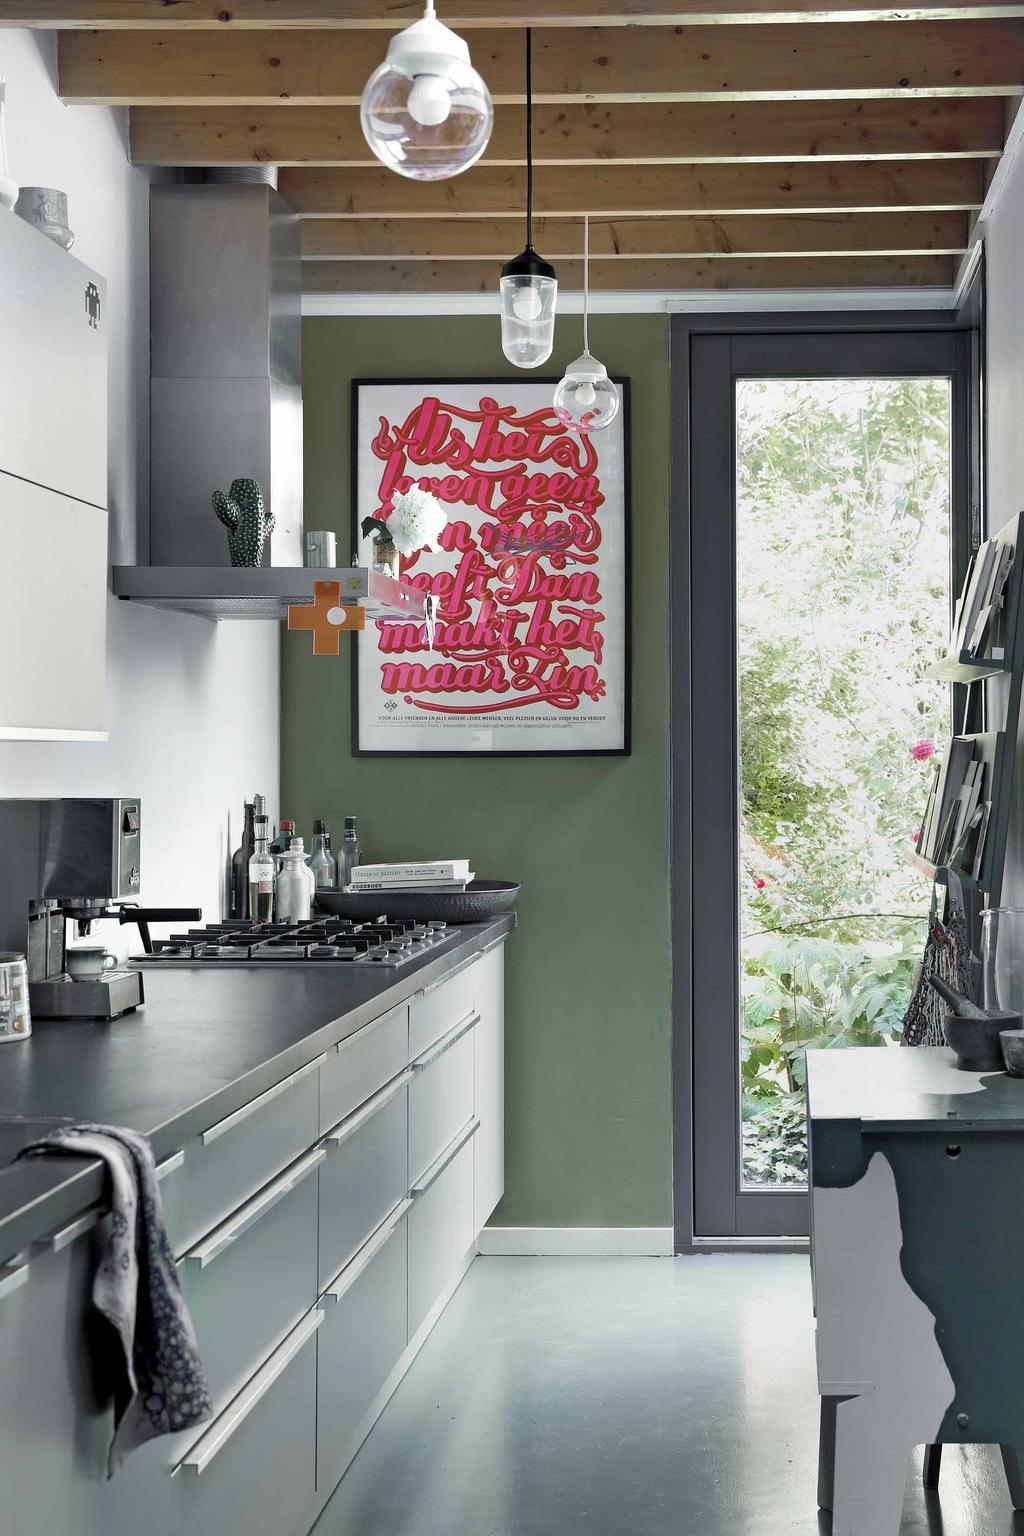 Keuken grijs met groene muur poster roze